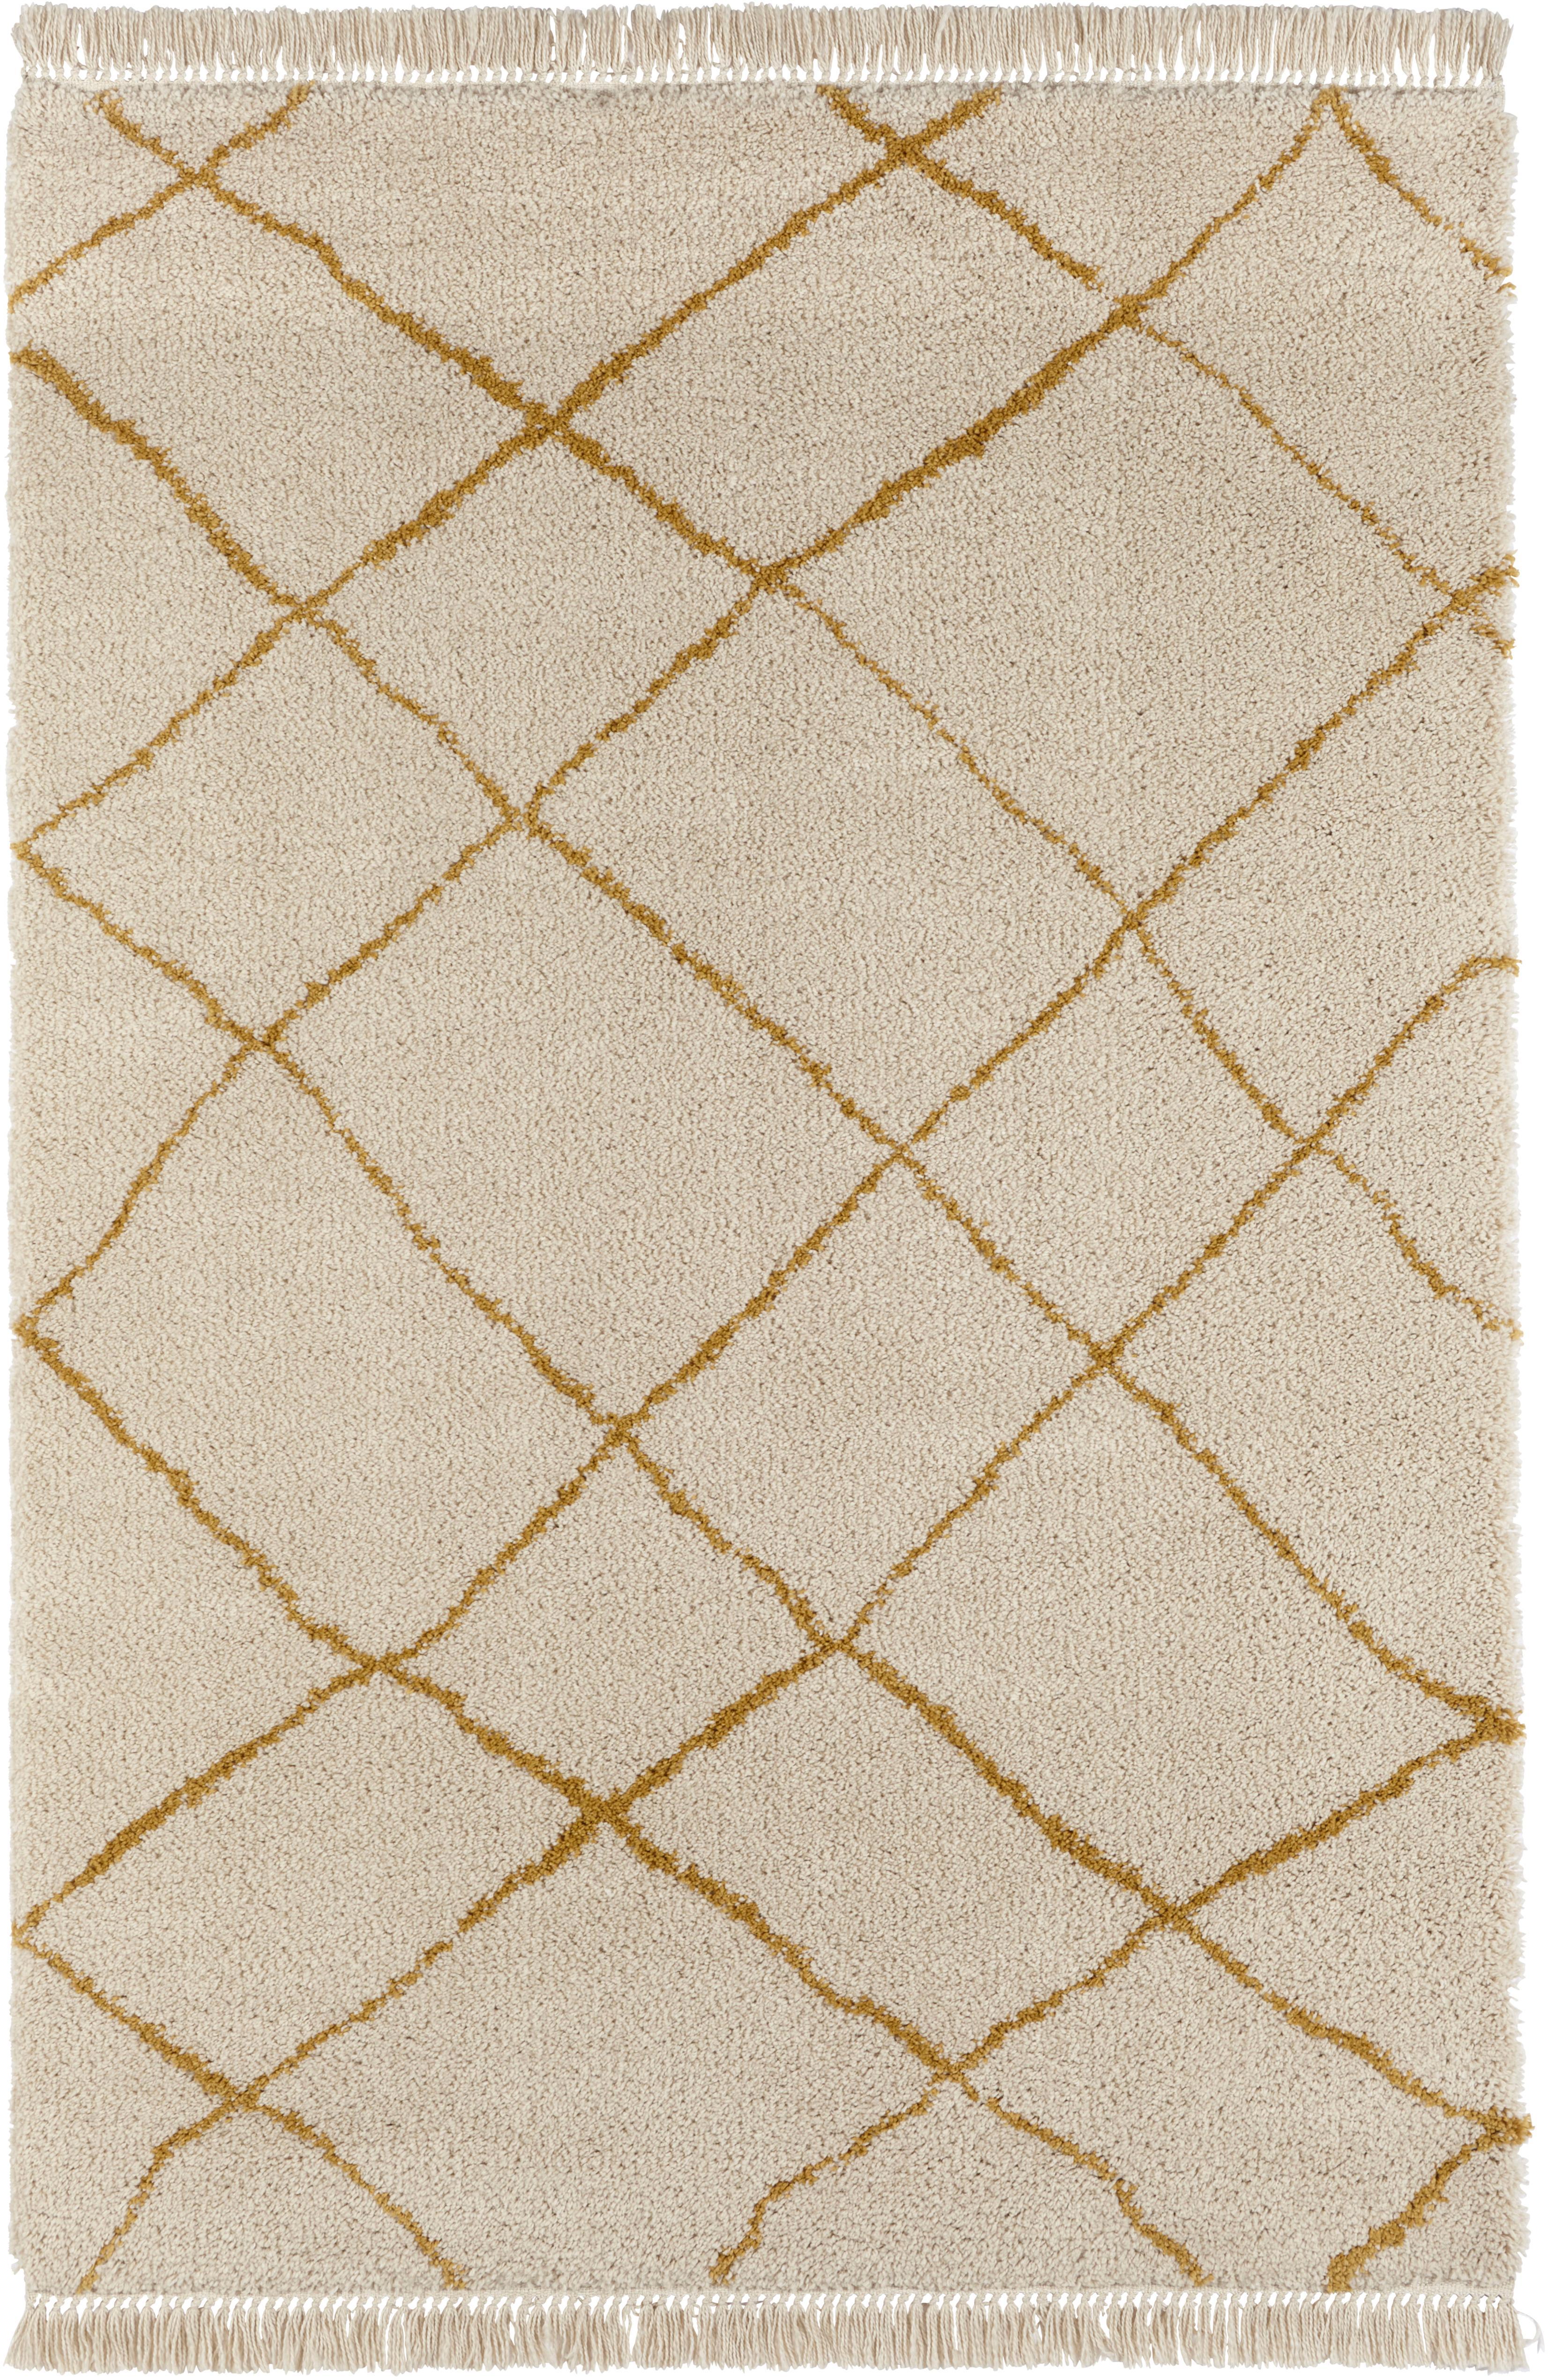 Flauschiger Hochflor-Teppich Primrose in Creme mit Rautenmuster, Creme, Goldgelb, B 160 x L 230 cm (Grösse M)